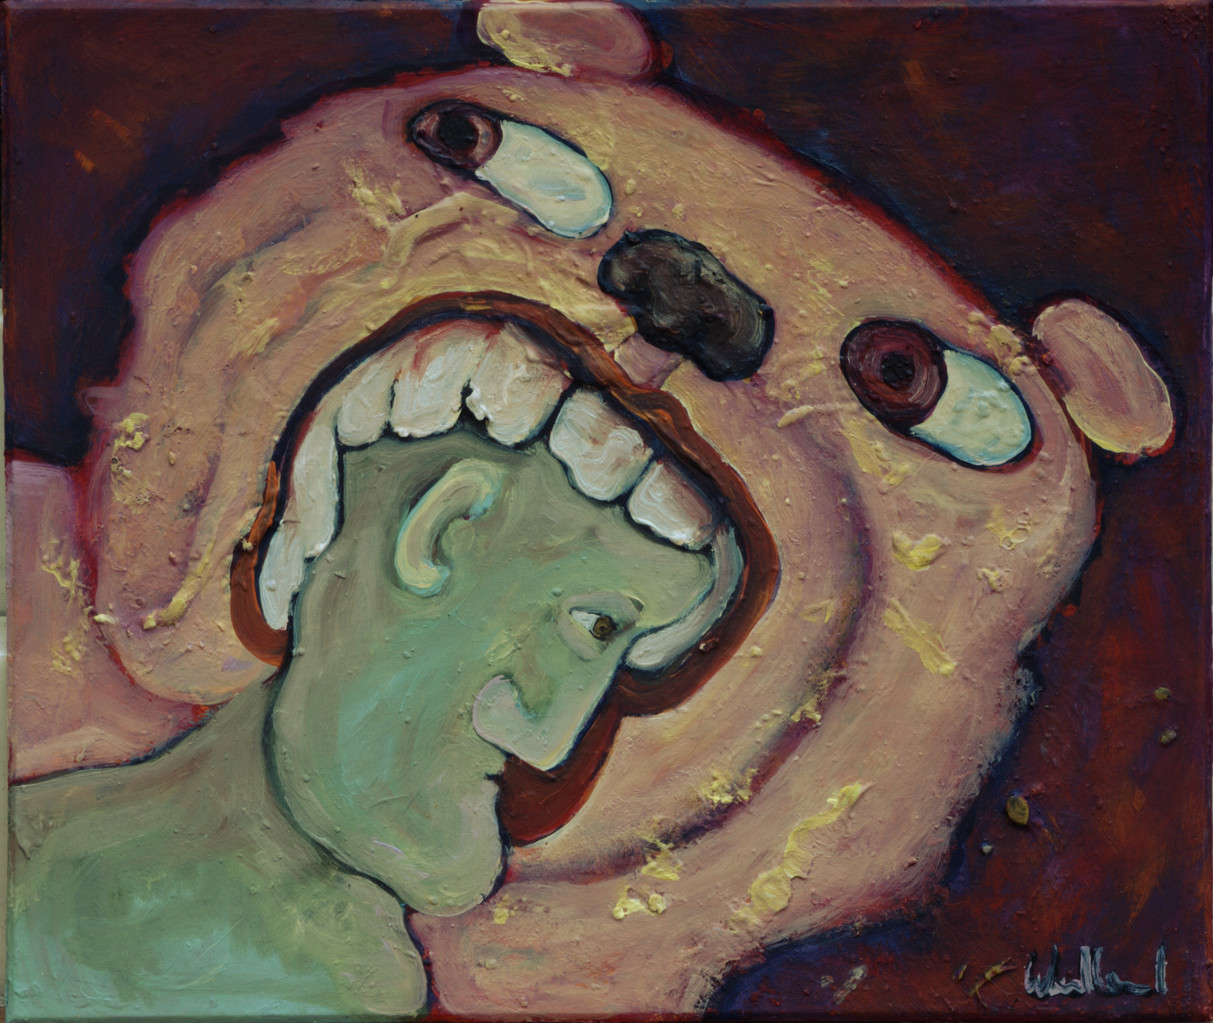 Bär · 2013, Acryl, Öl auf Pappe, 16 x 19 cm